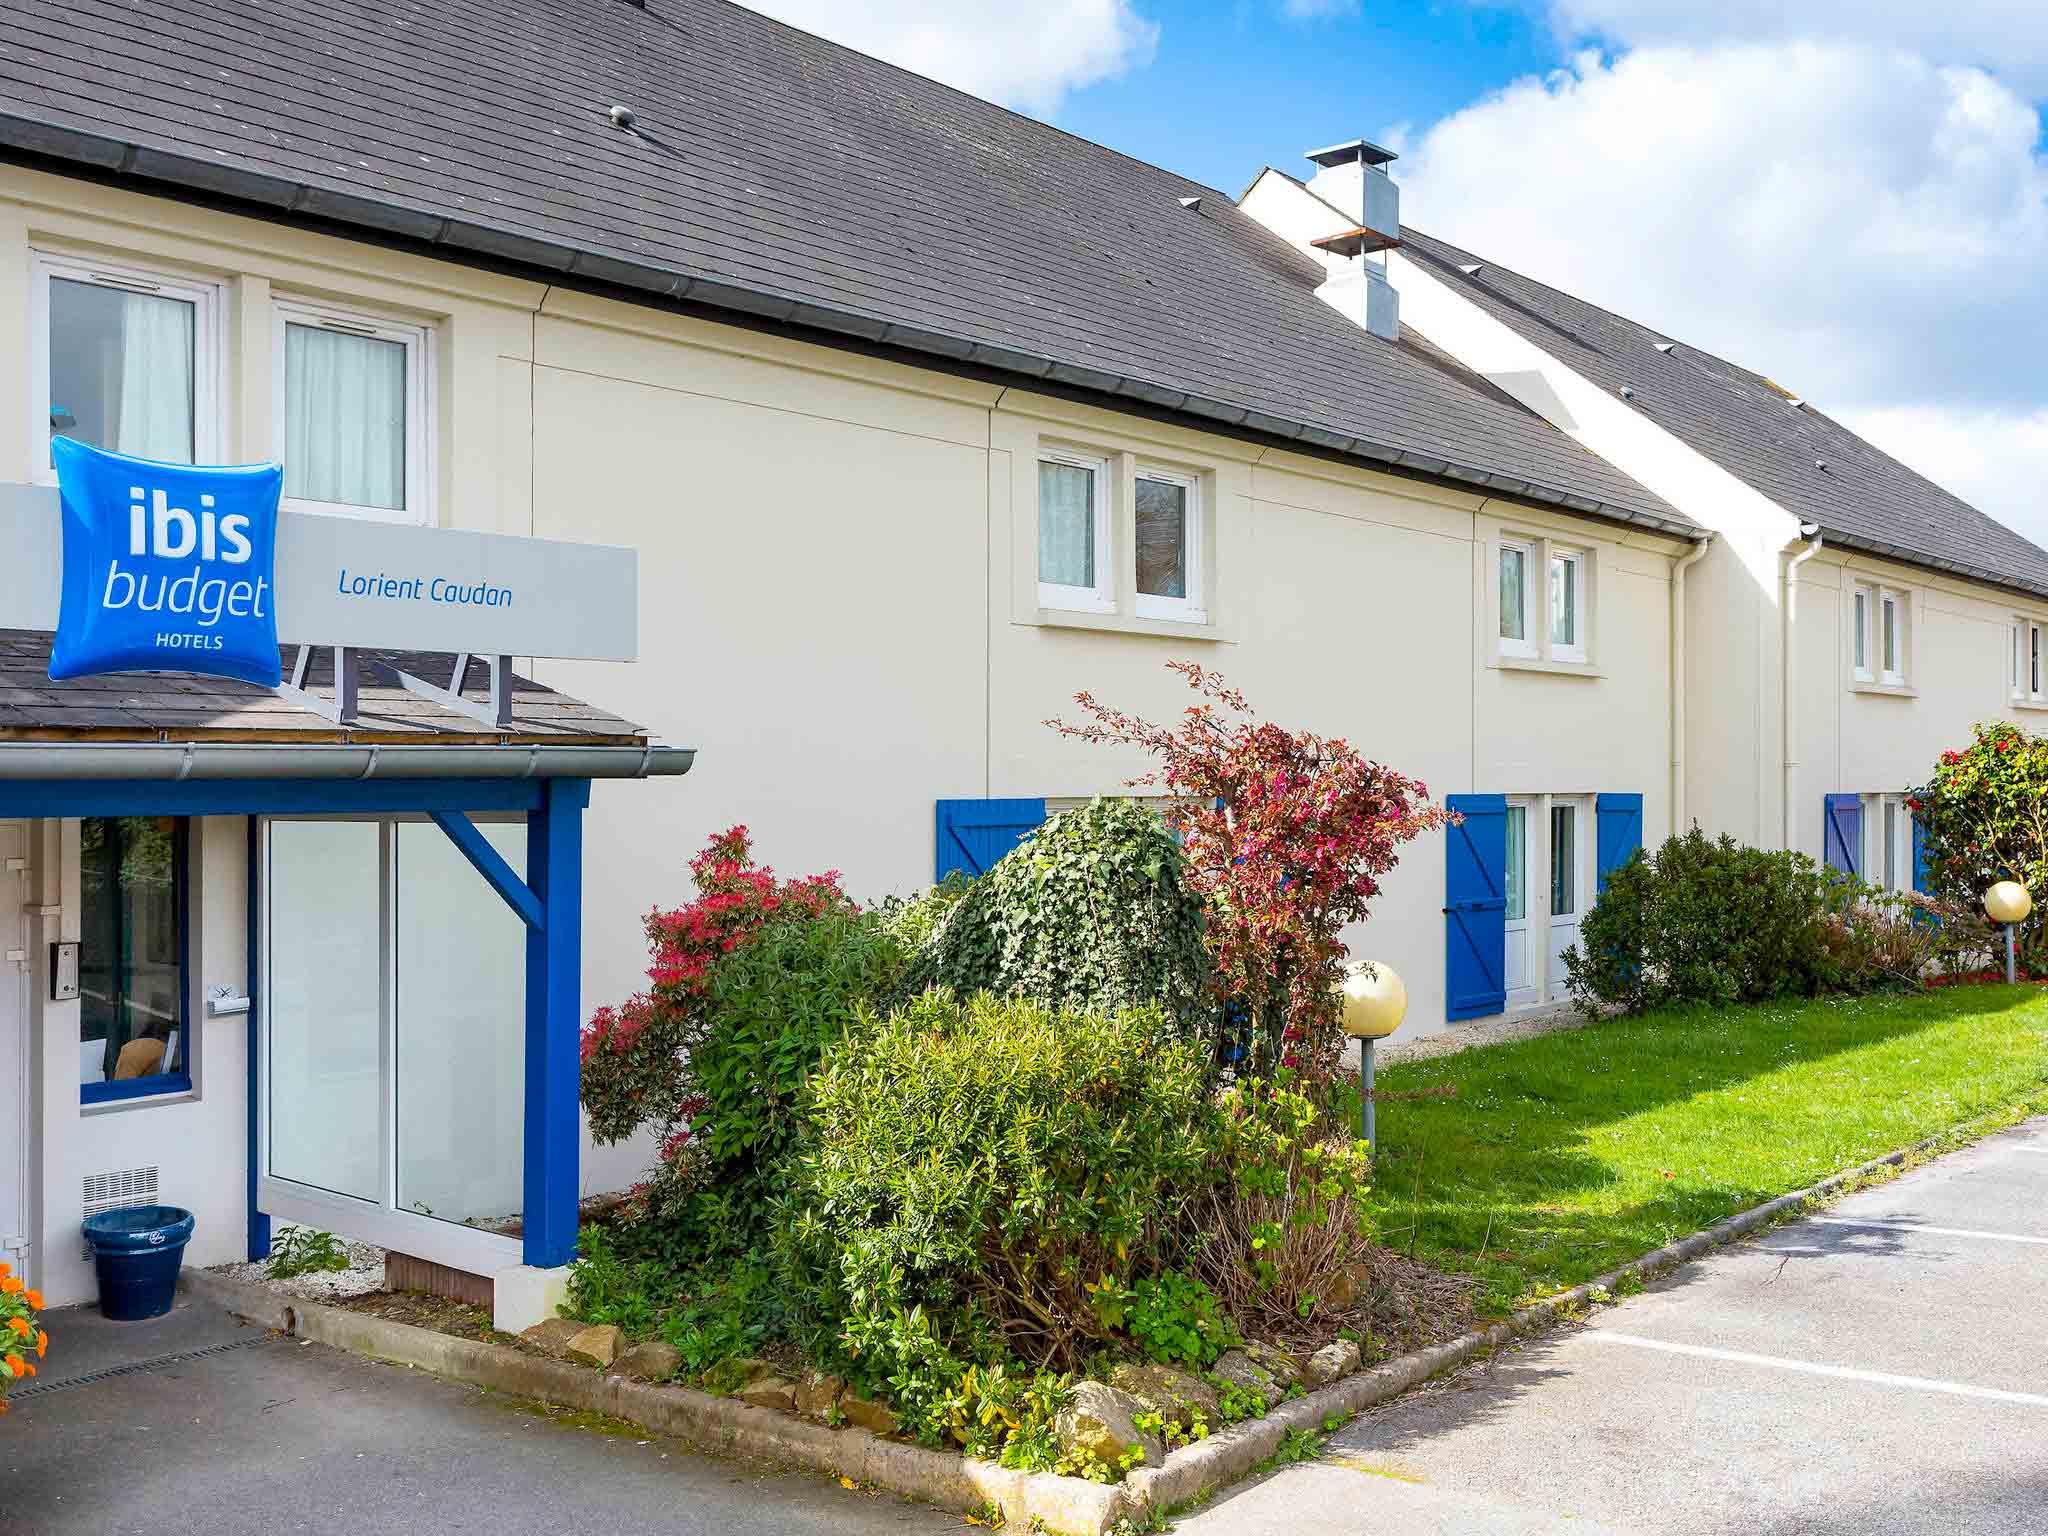 Hotel - ibis budget Lorient Caudan